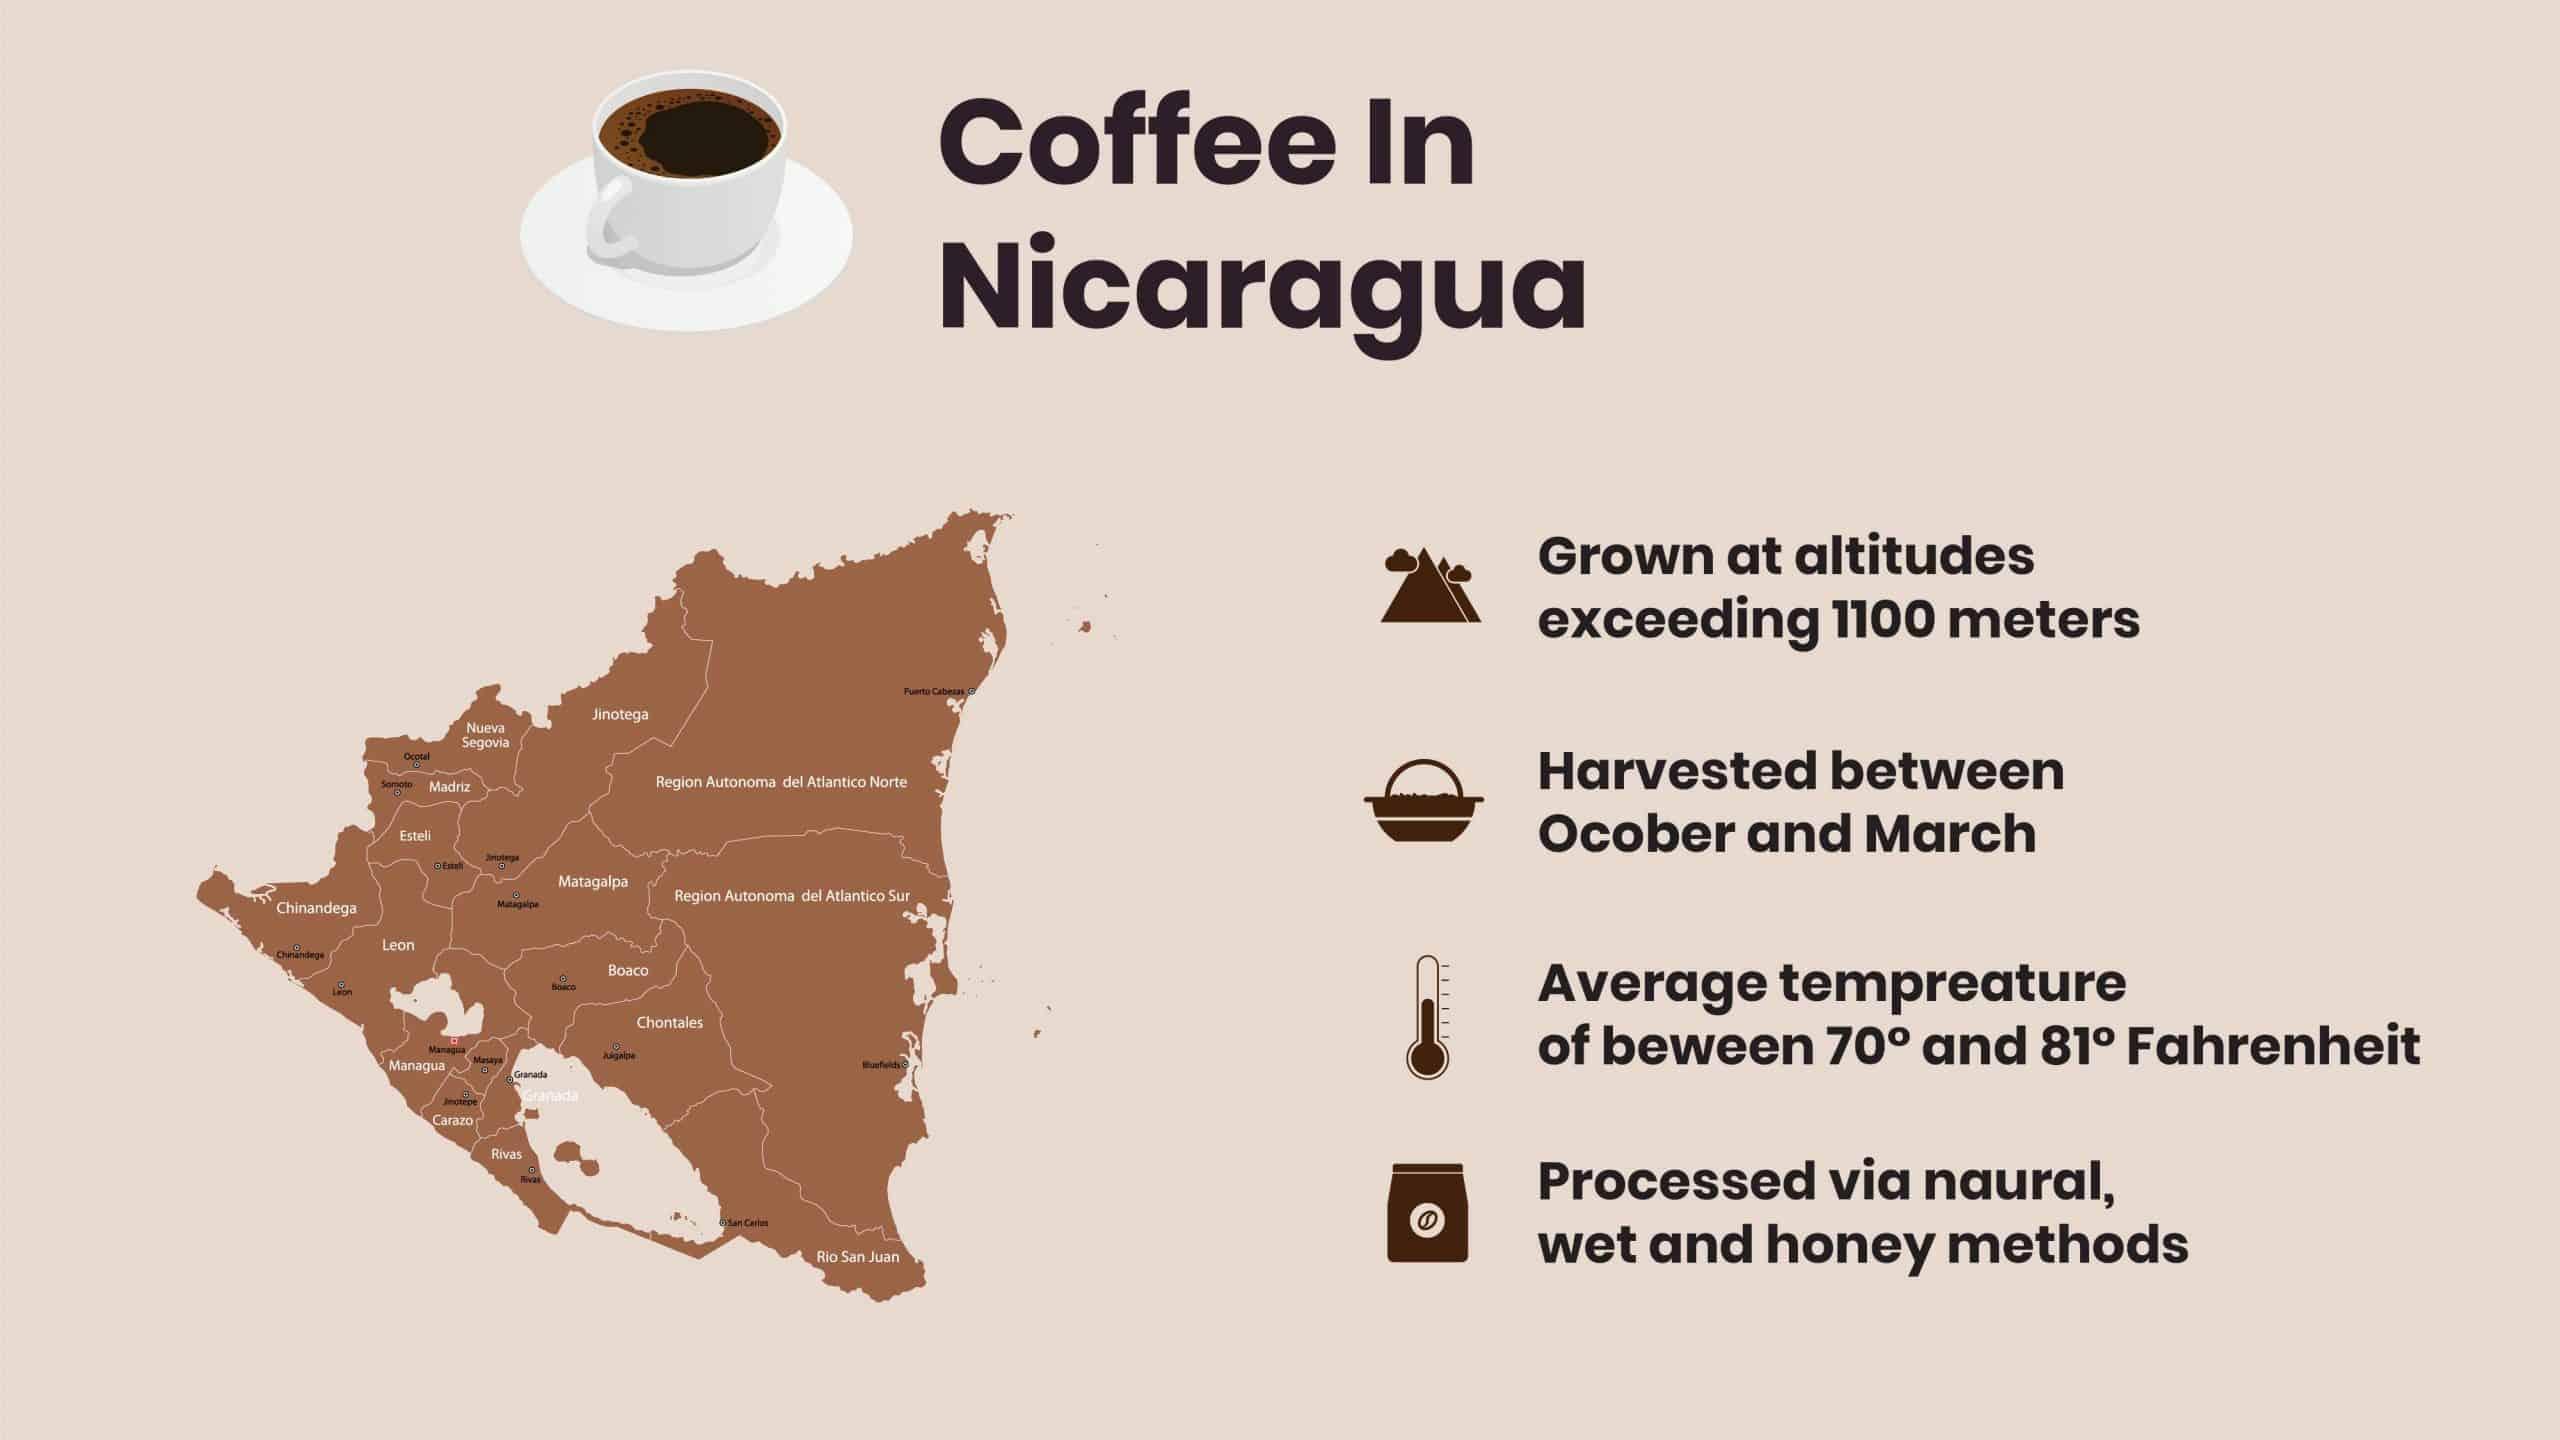 Nicaragua Coffee facts